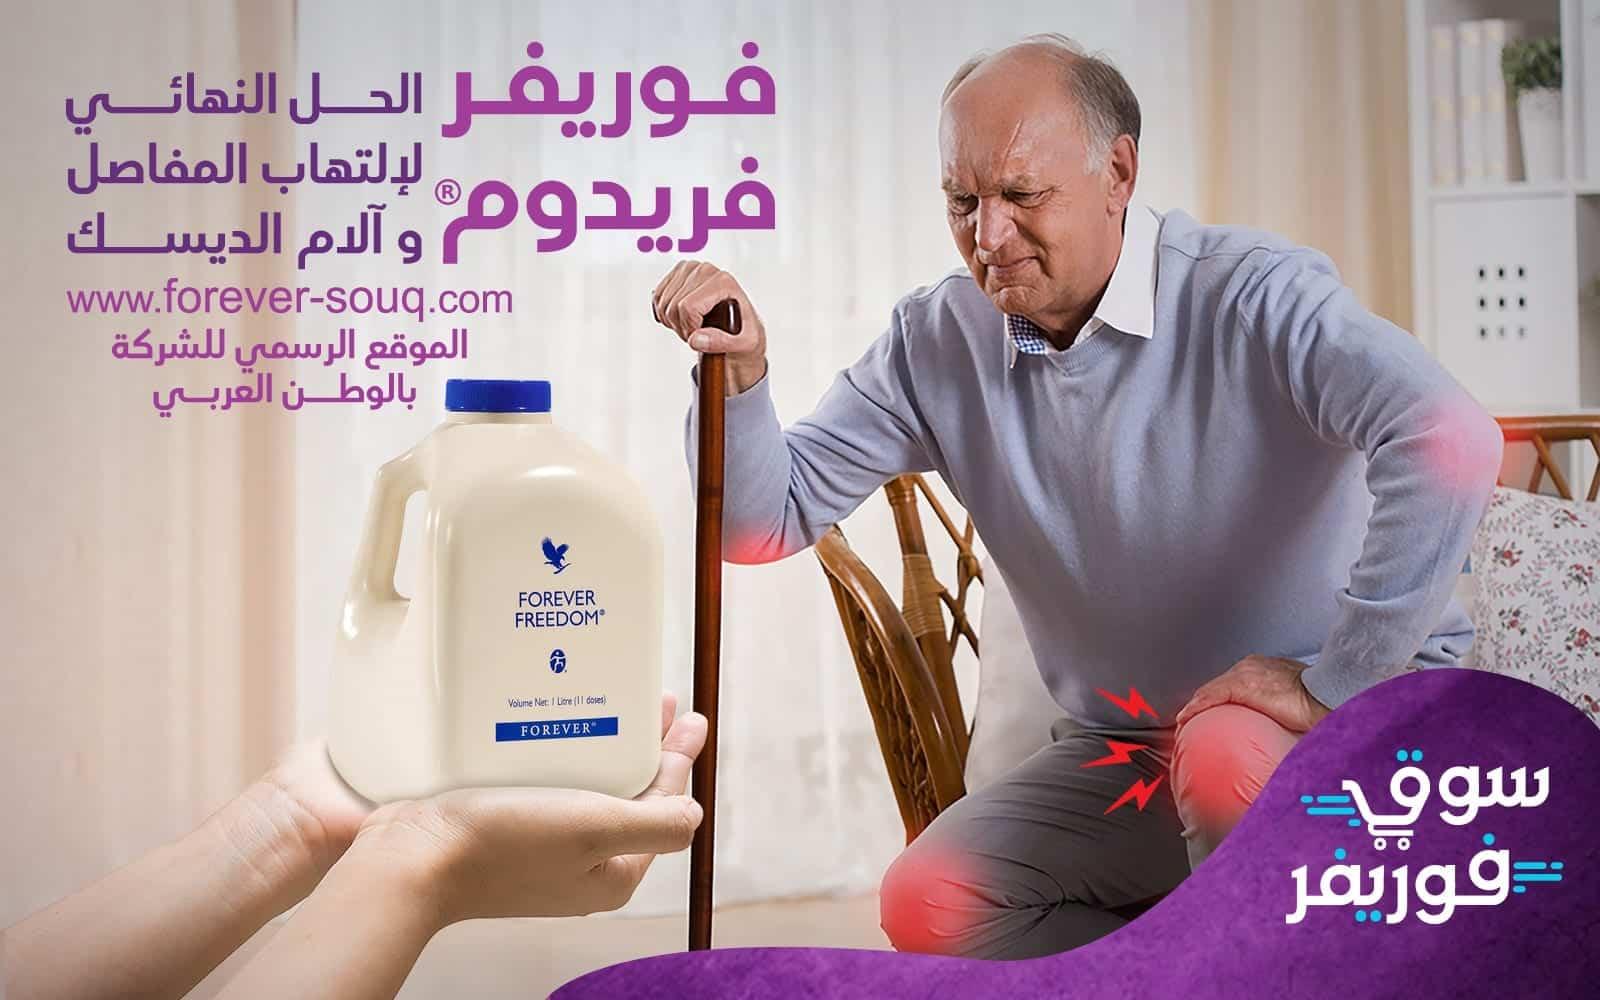 التهاب المفاصل.. تشخيصه و أسبابه وكيفية علاجه اعراض التهاب المفاصل